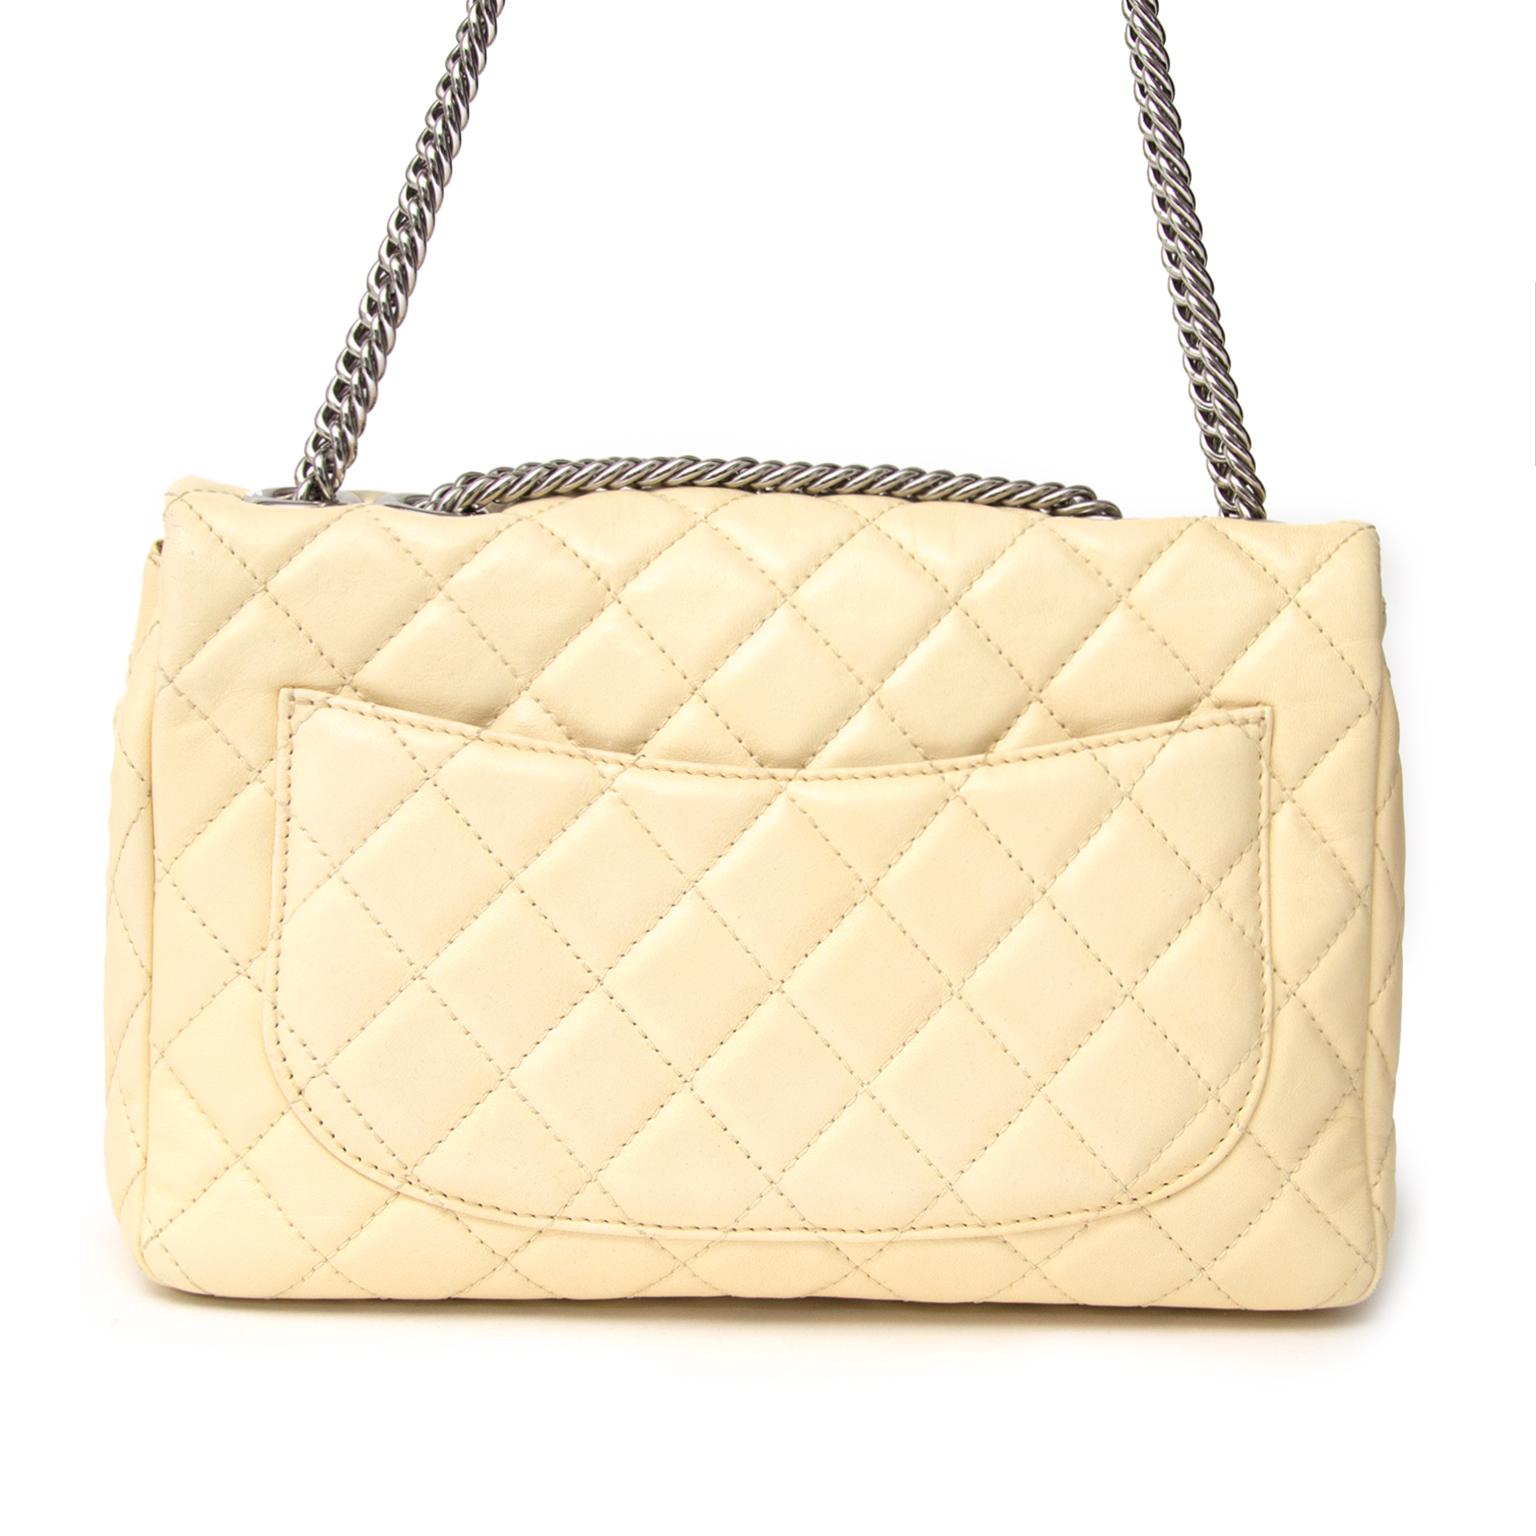 466a27d5b4c9 ... luxury Koop online bij Labellov tweedehands handtas Chanel flap bag in  beige met silver